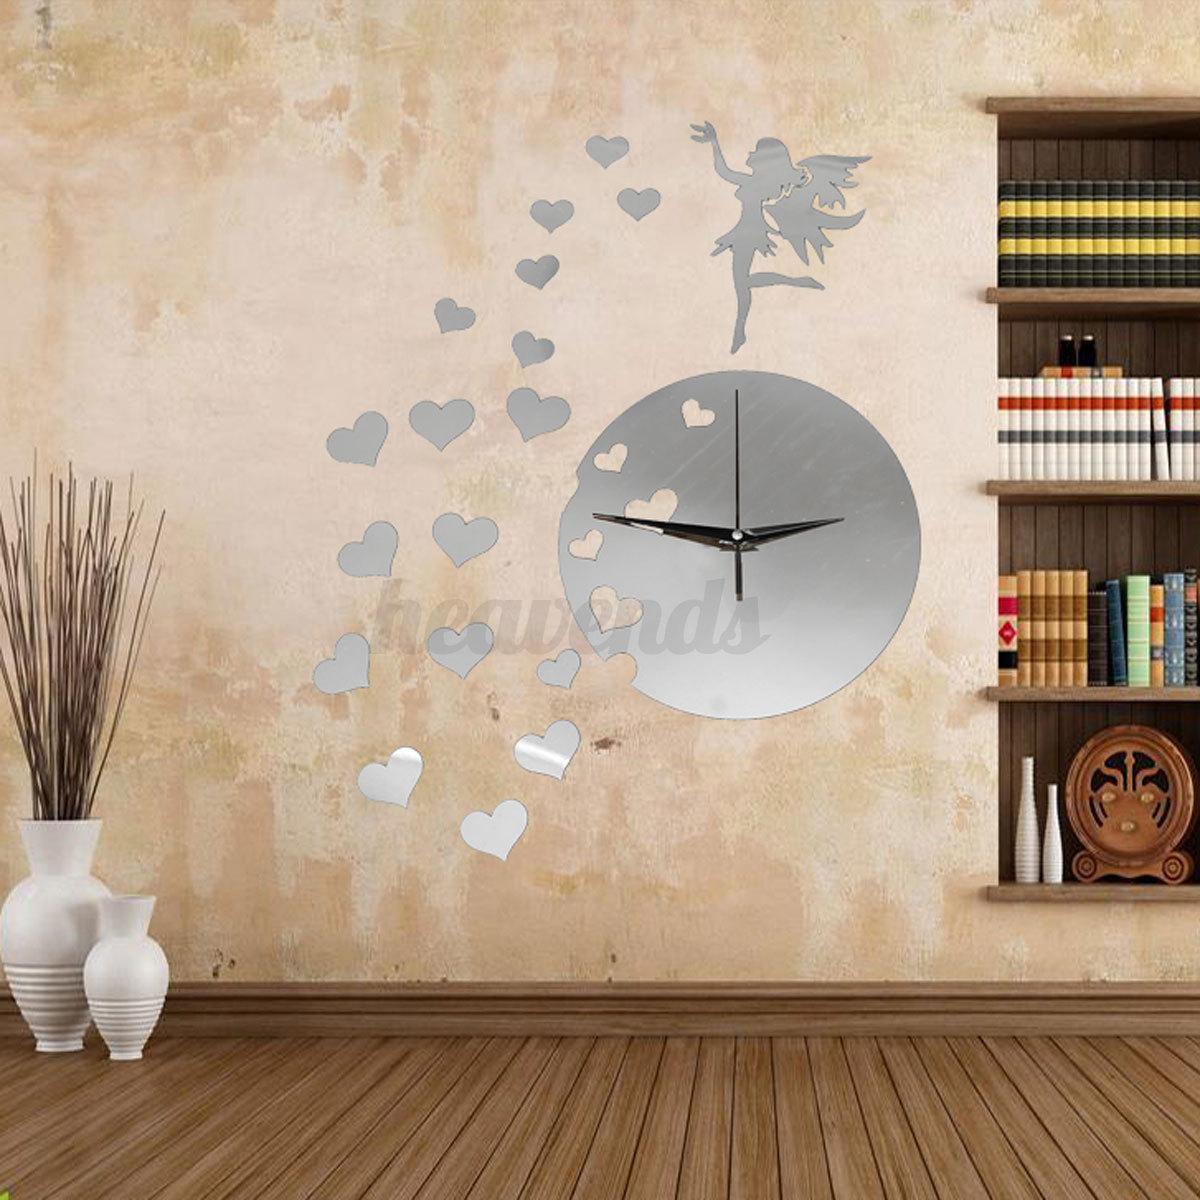 Diy 3d horloge murale moderne design miroir maison art for Horloge murale moderne design